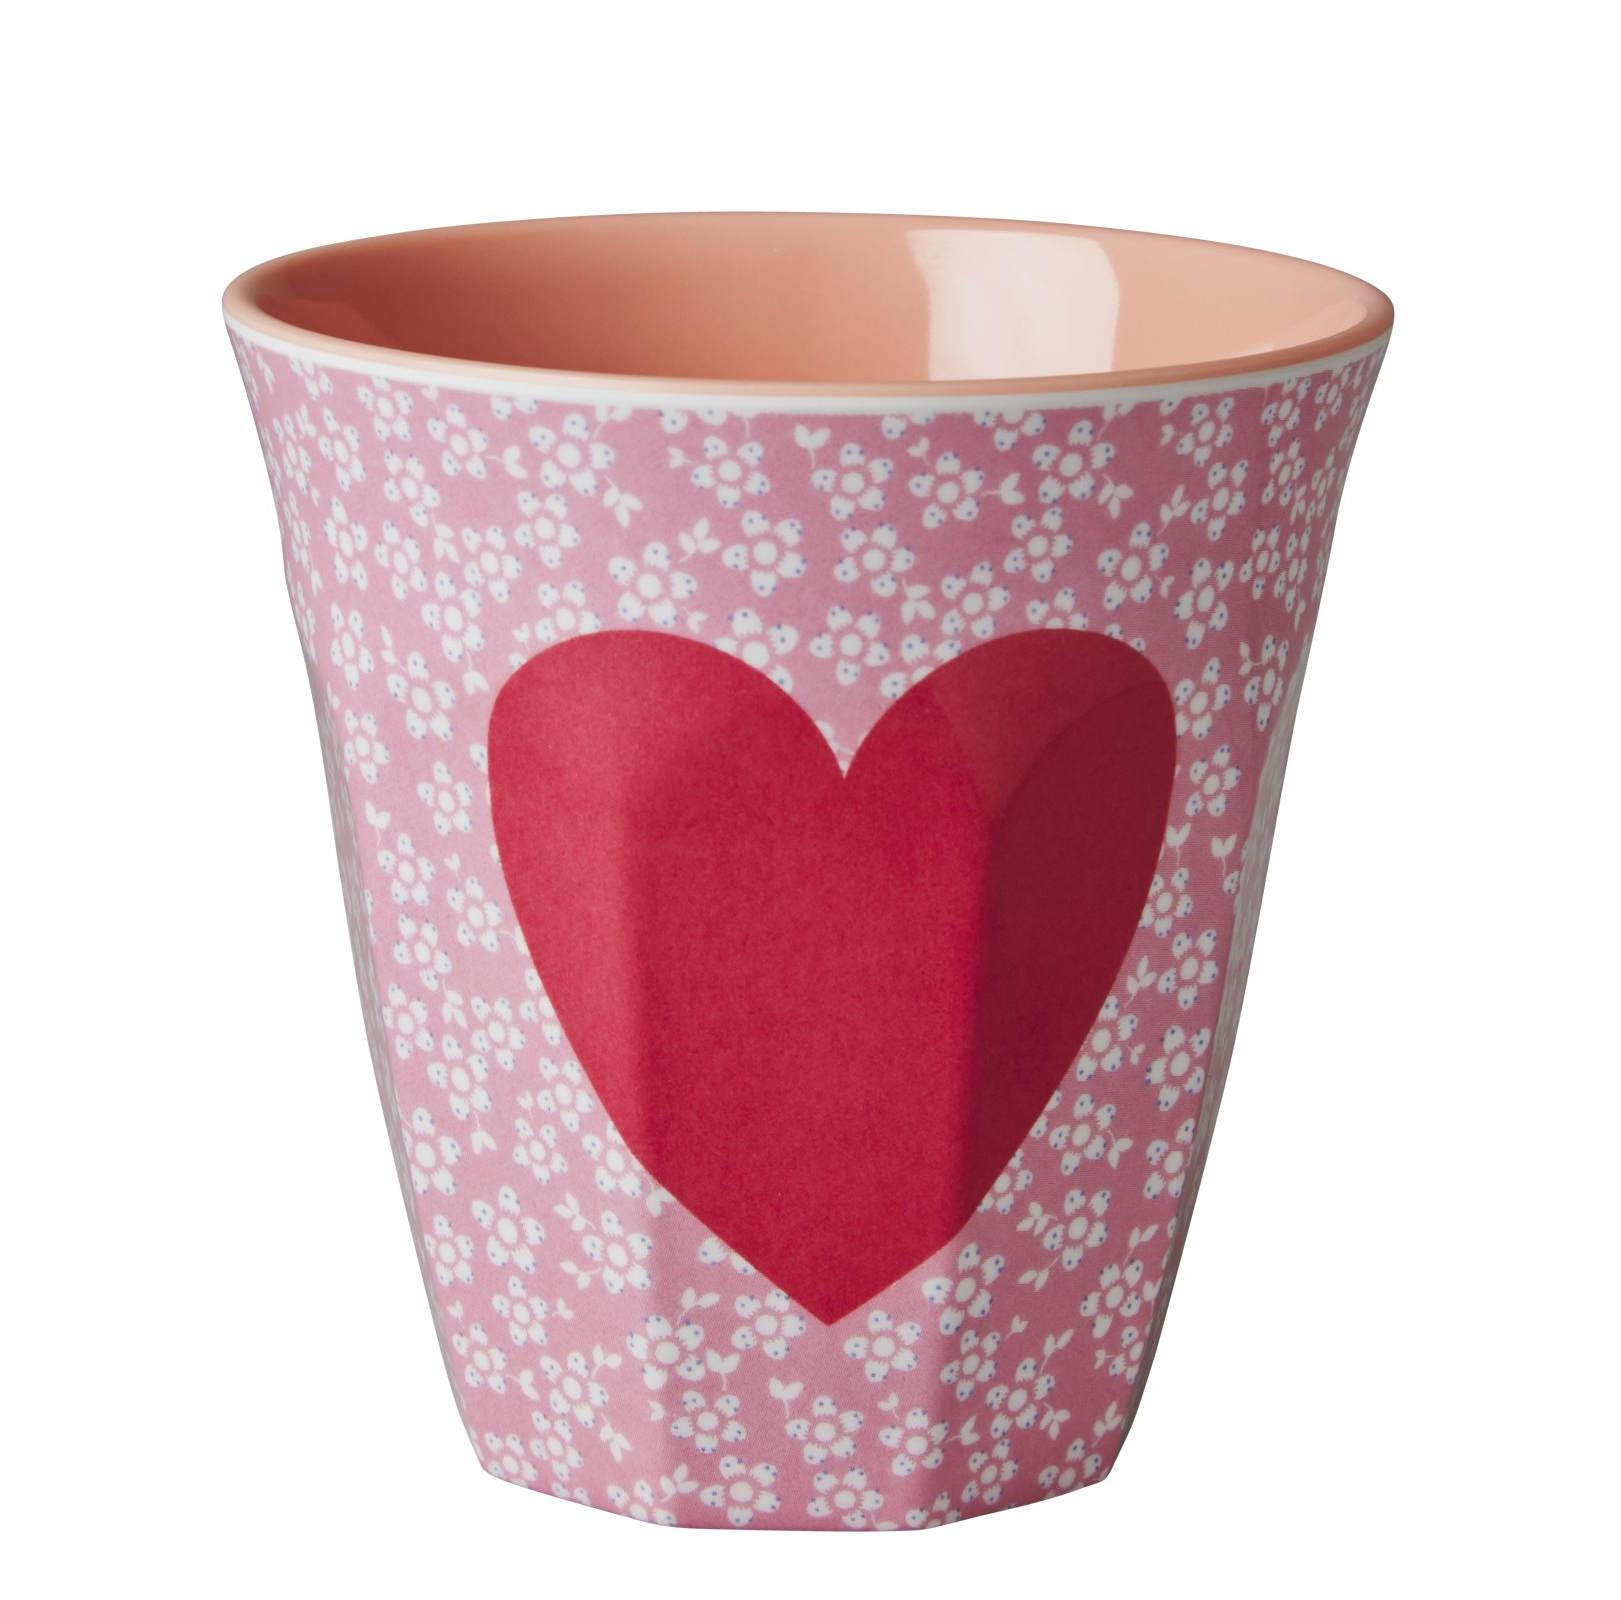 rice Melaminový pohárek Heart, červená barva, růžová barva, melamin